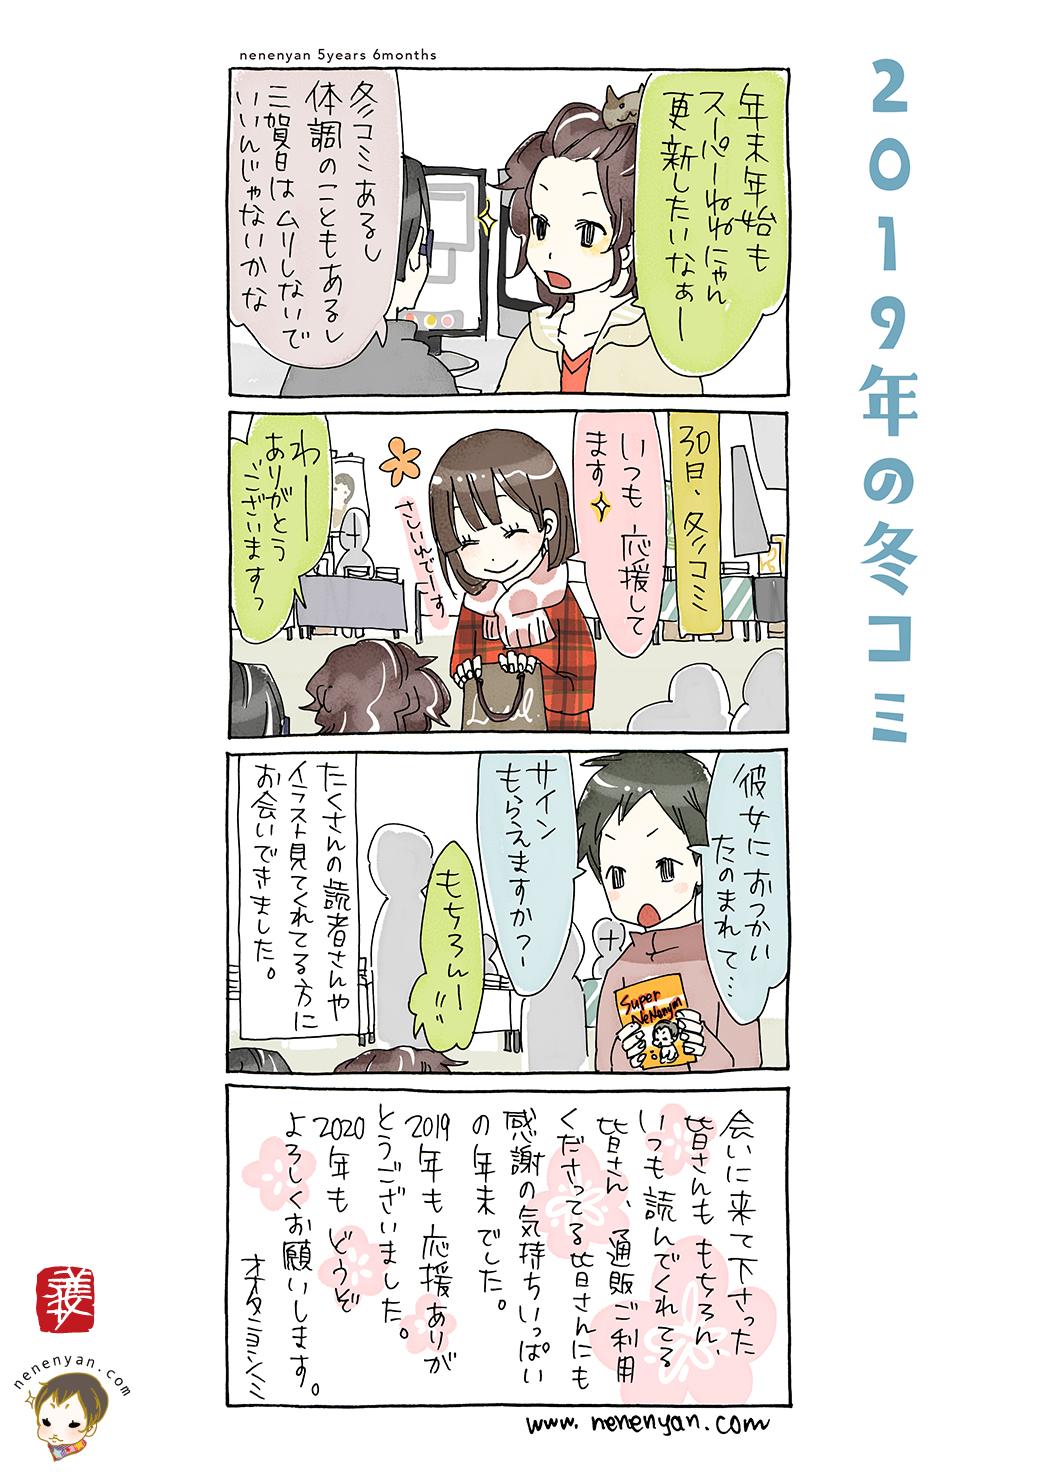 2019年冬コミ & 新年あいさつ年賀状